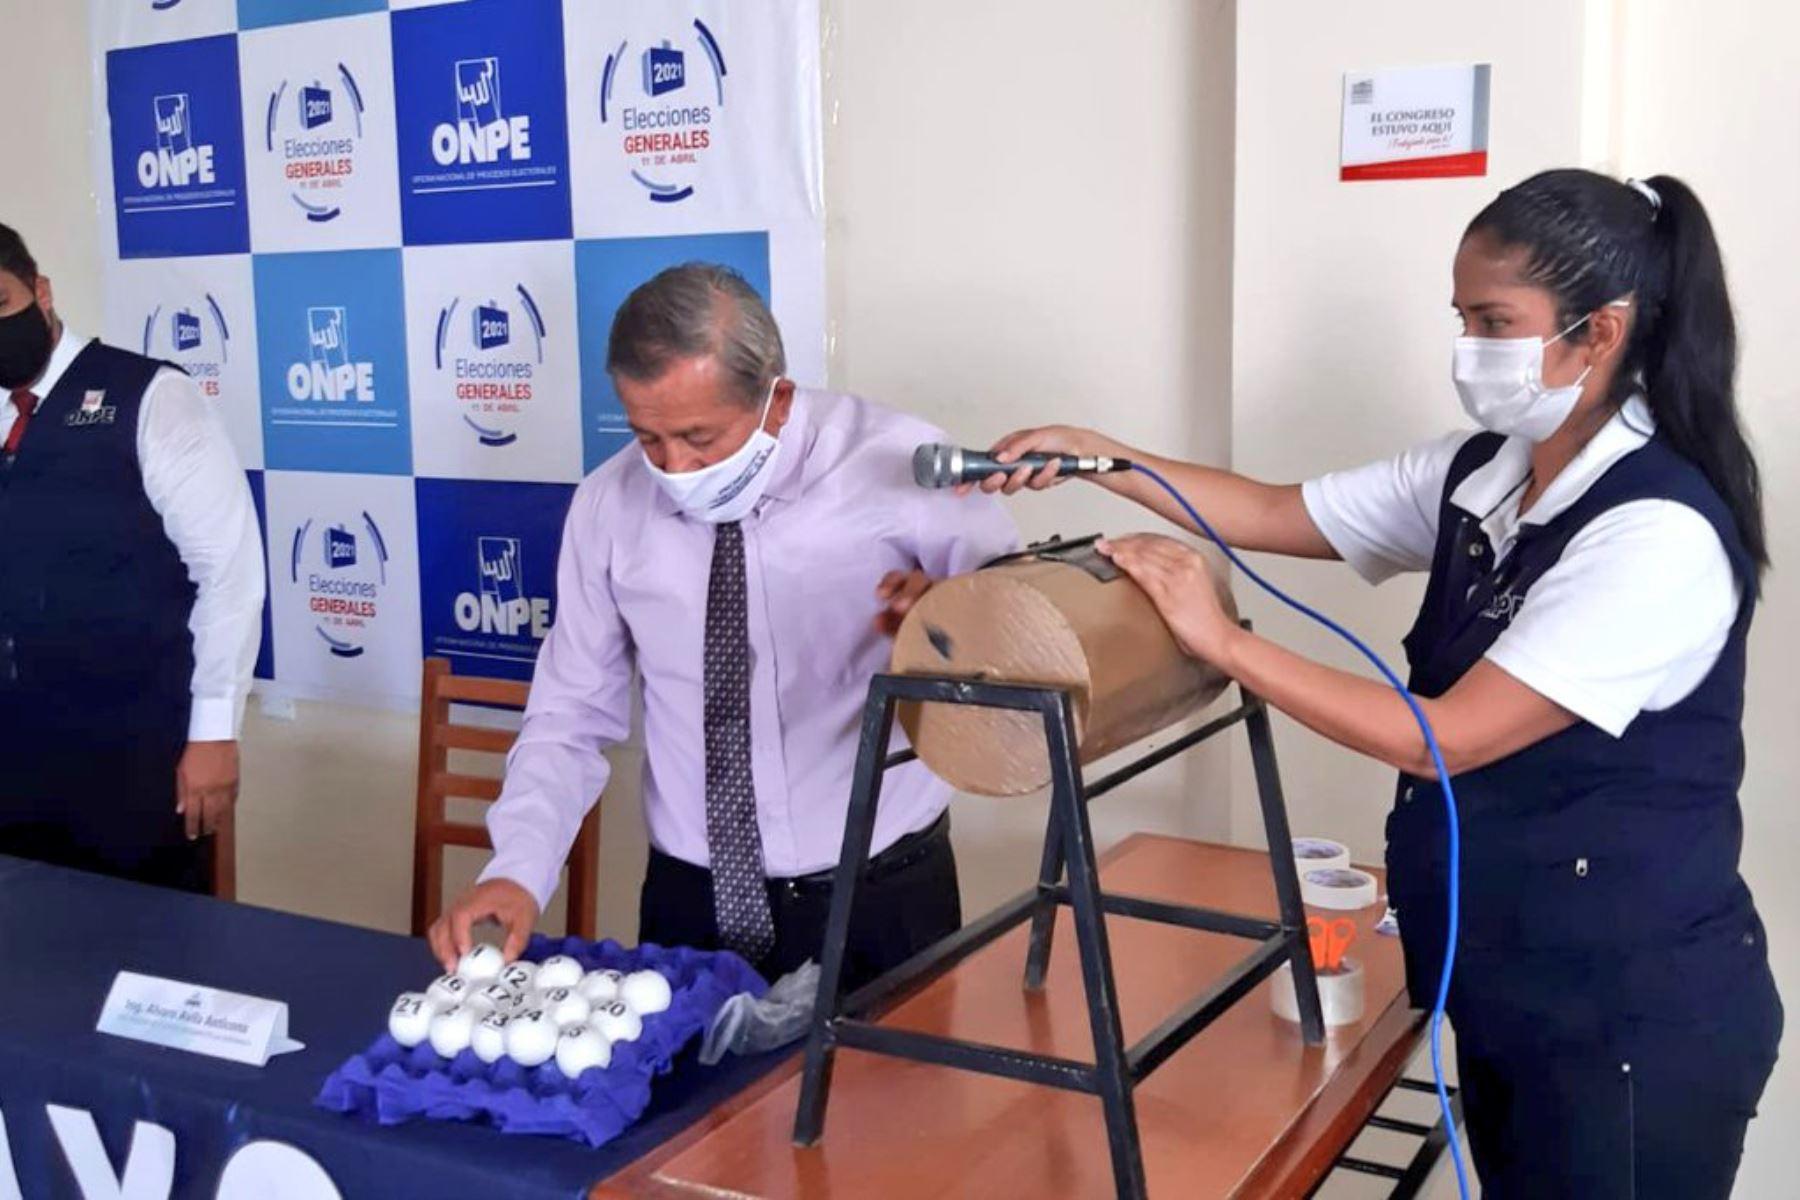 El sorteo de miembros de mesa se realizó en 94 oficinas descentralizadas de ONPE. ANDINA/Difusión